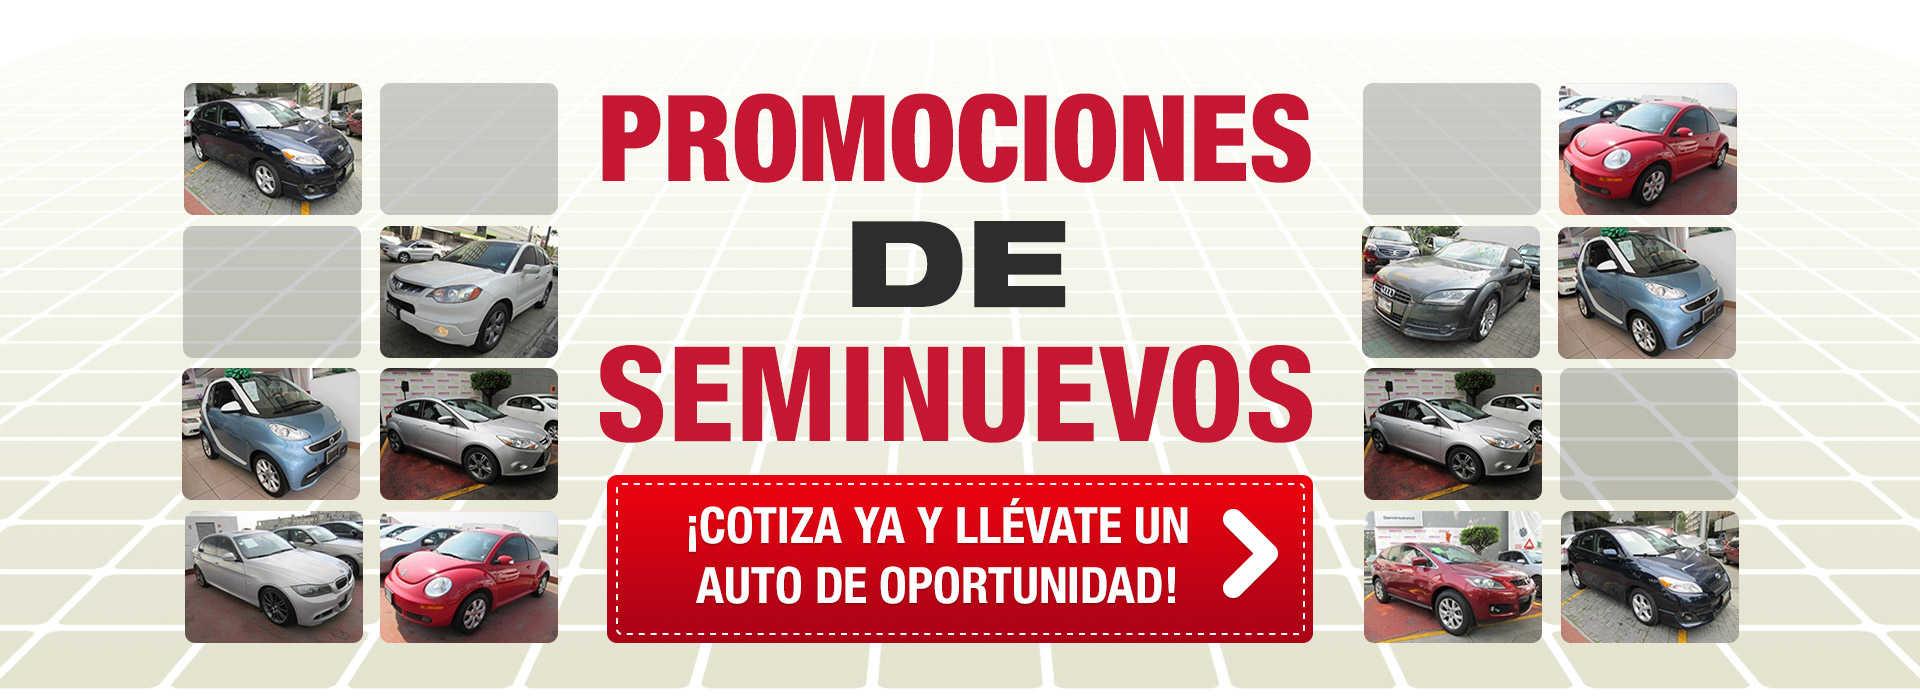 Promociones de Seminuevos